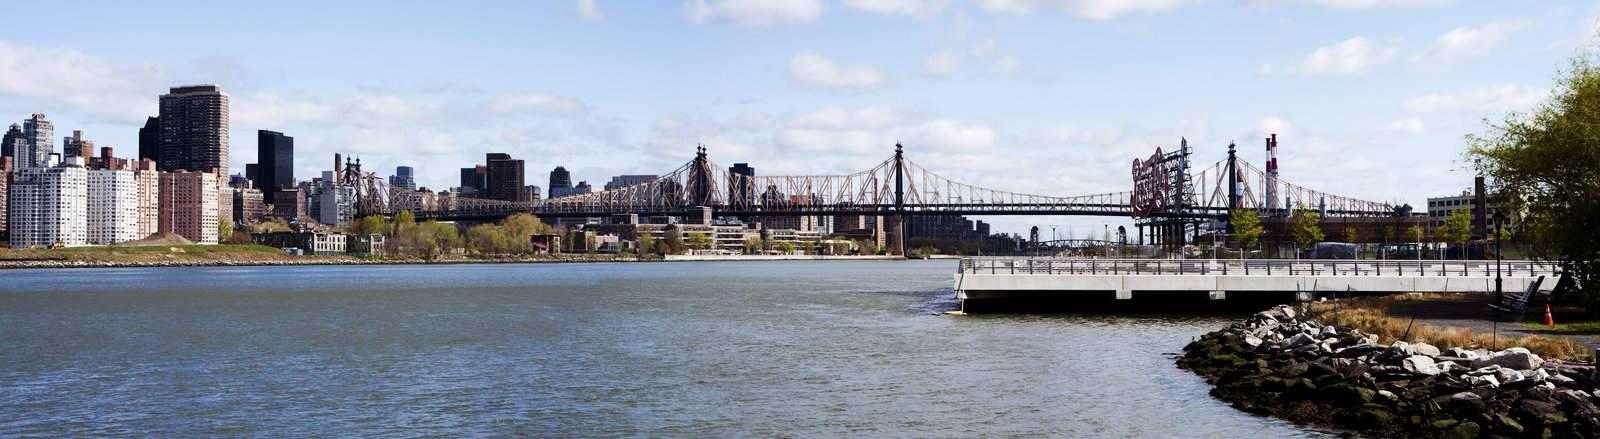 Dutch Kills Queens, New York Private Investigator